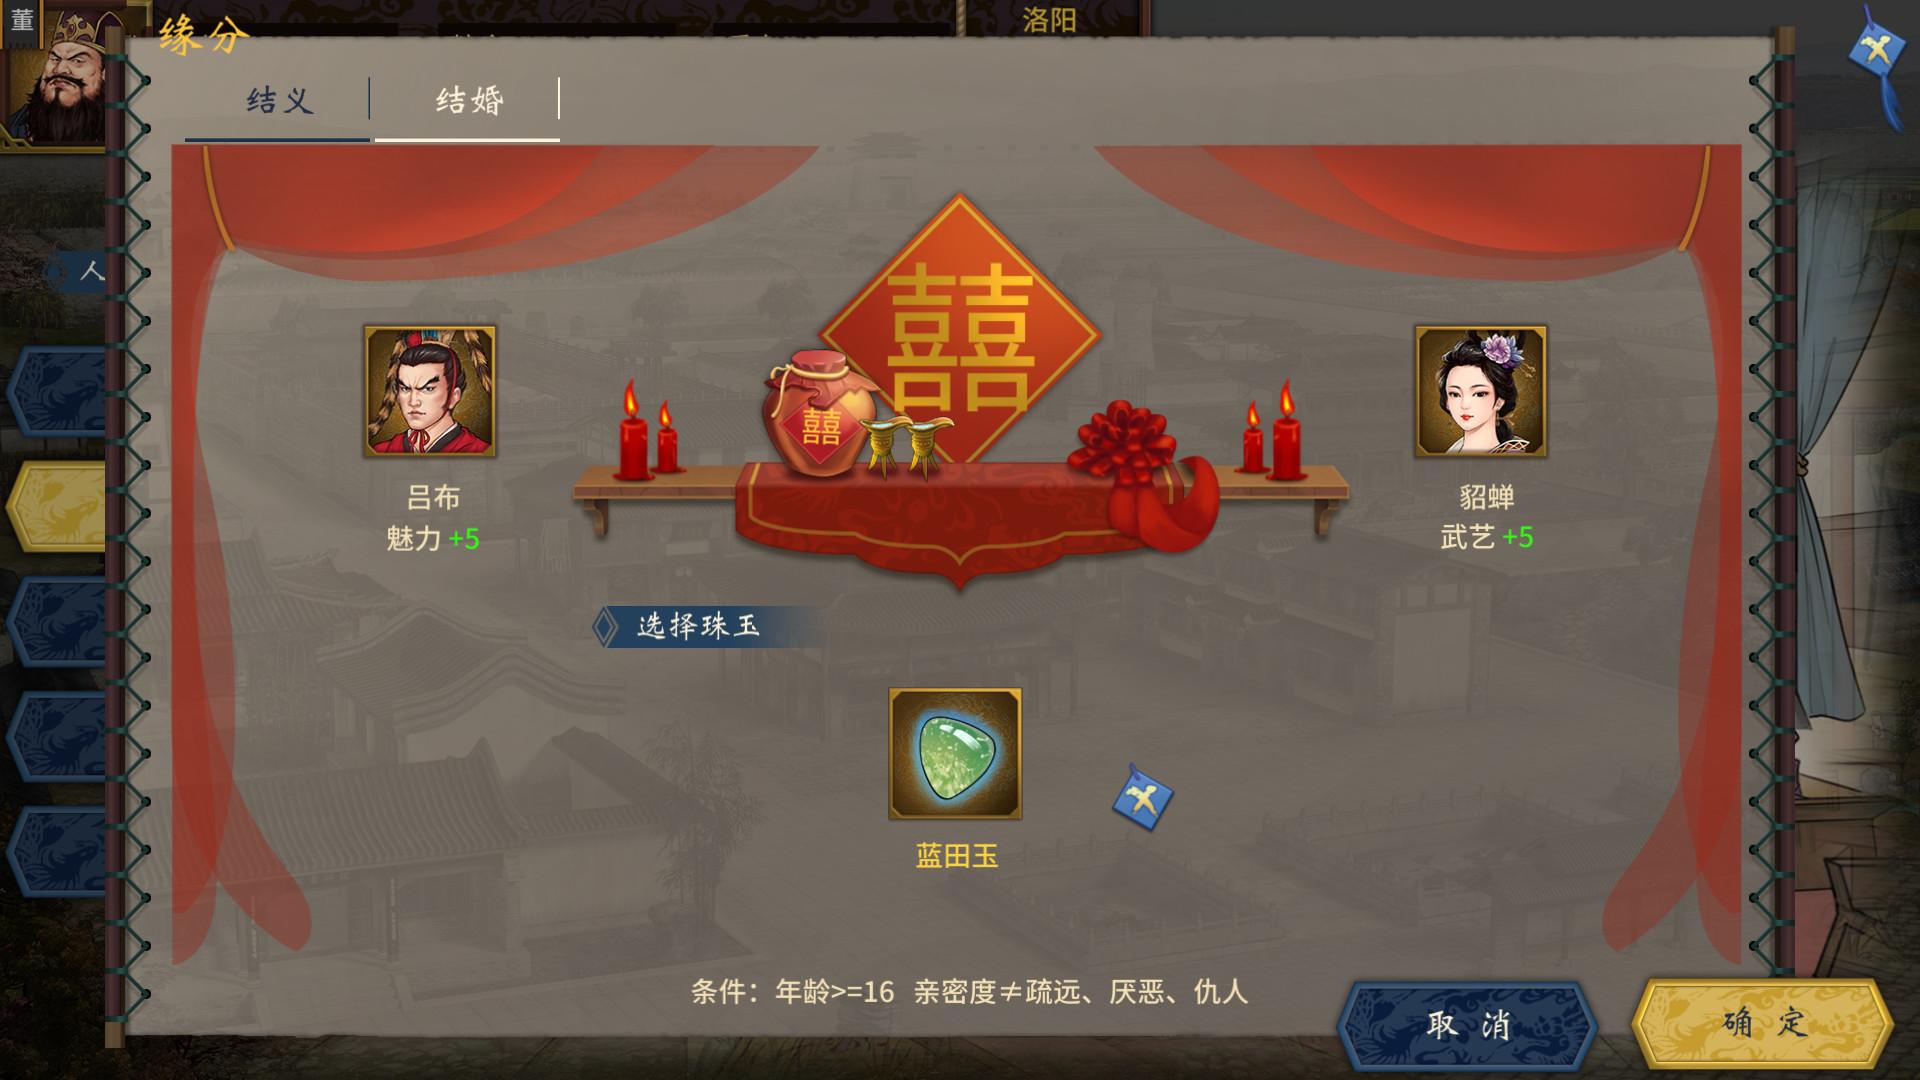 三国志:汉末霸业-龙腾虎啸-正式版-V1.0.0.2691-全DLC-(官中)插图19